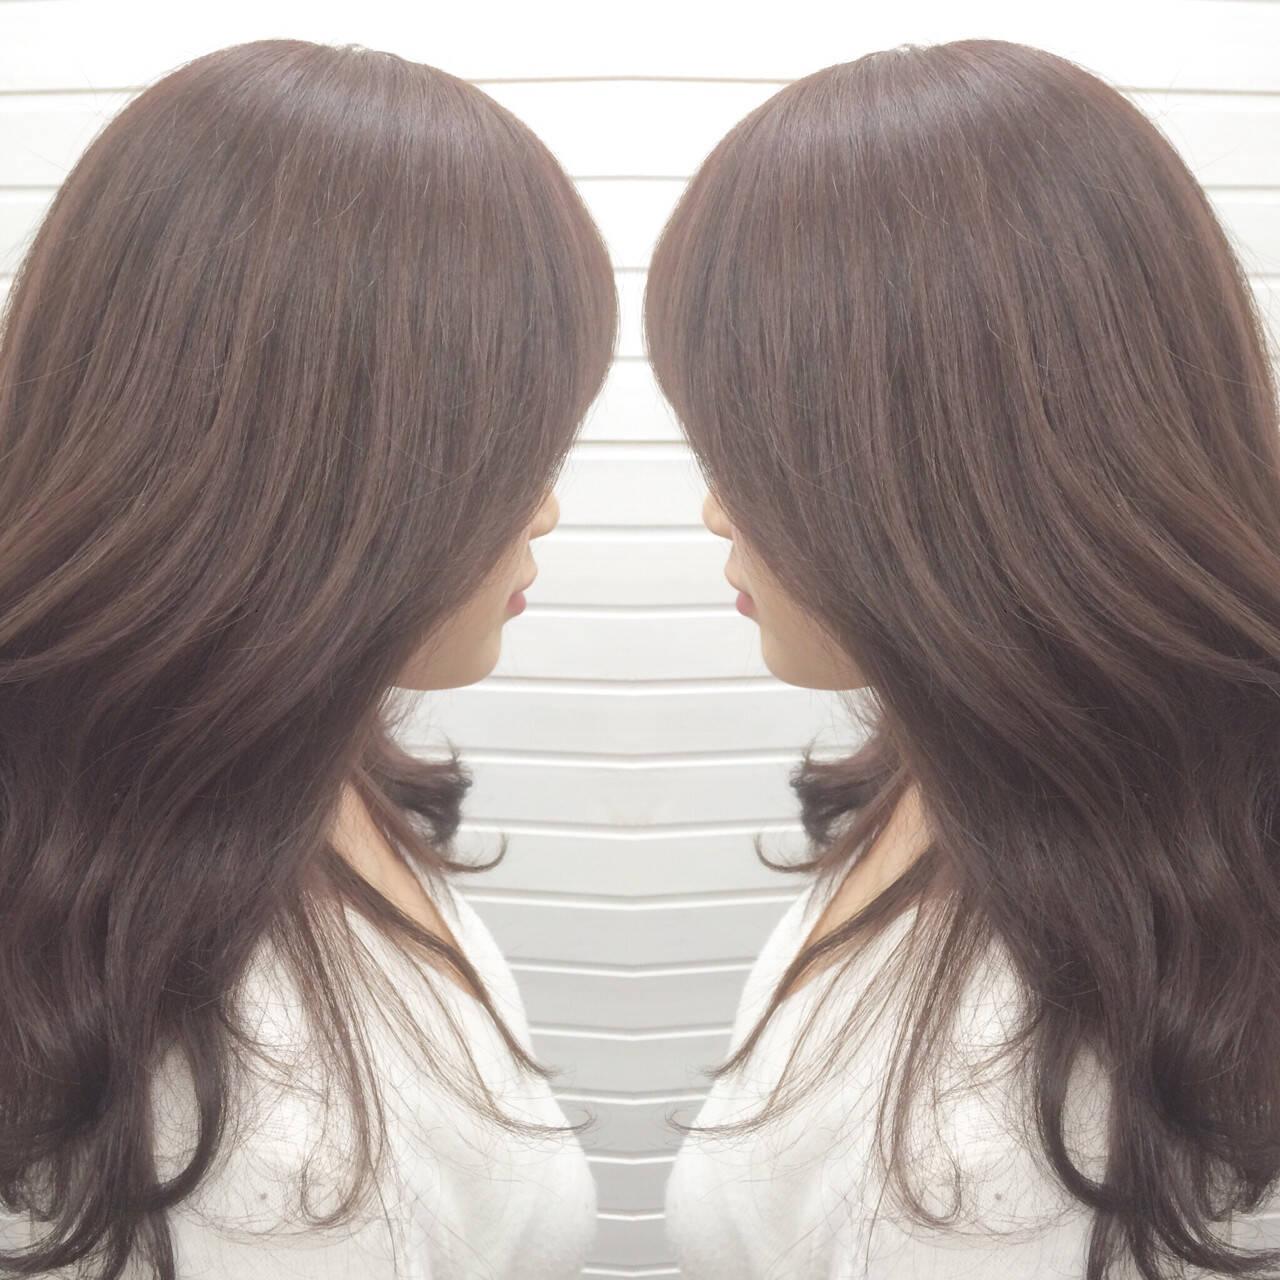 グレージュ フェミニン ニュアンス ハイライトヘアスタイルや髪型の写真・画像